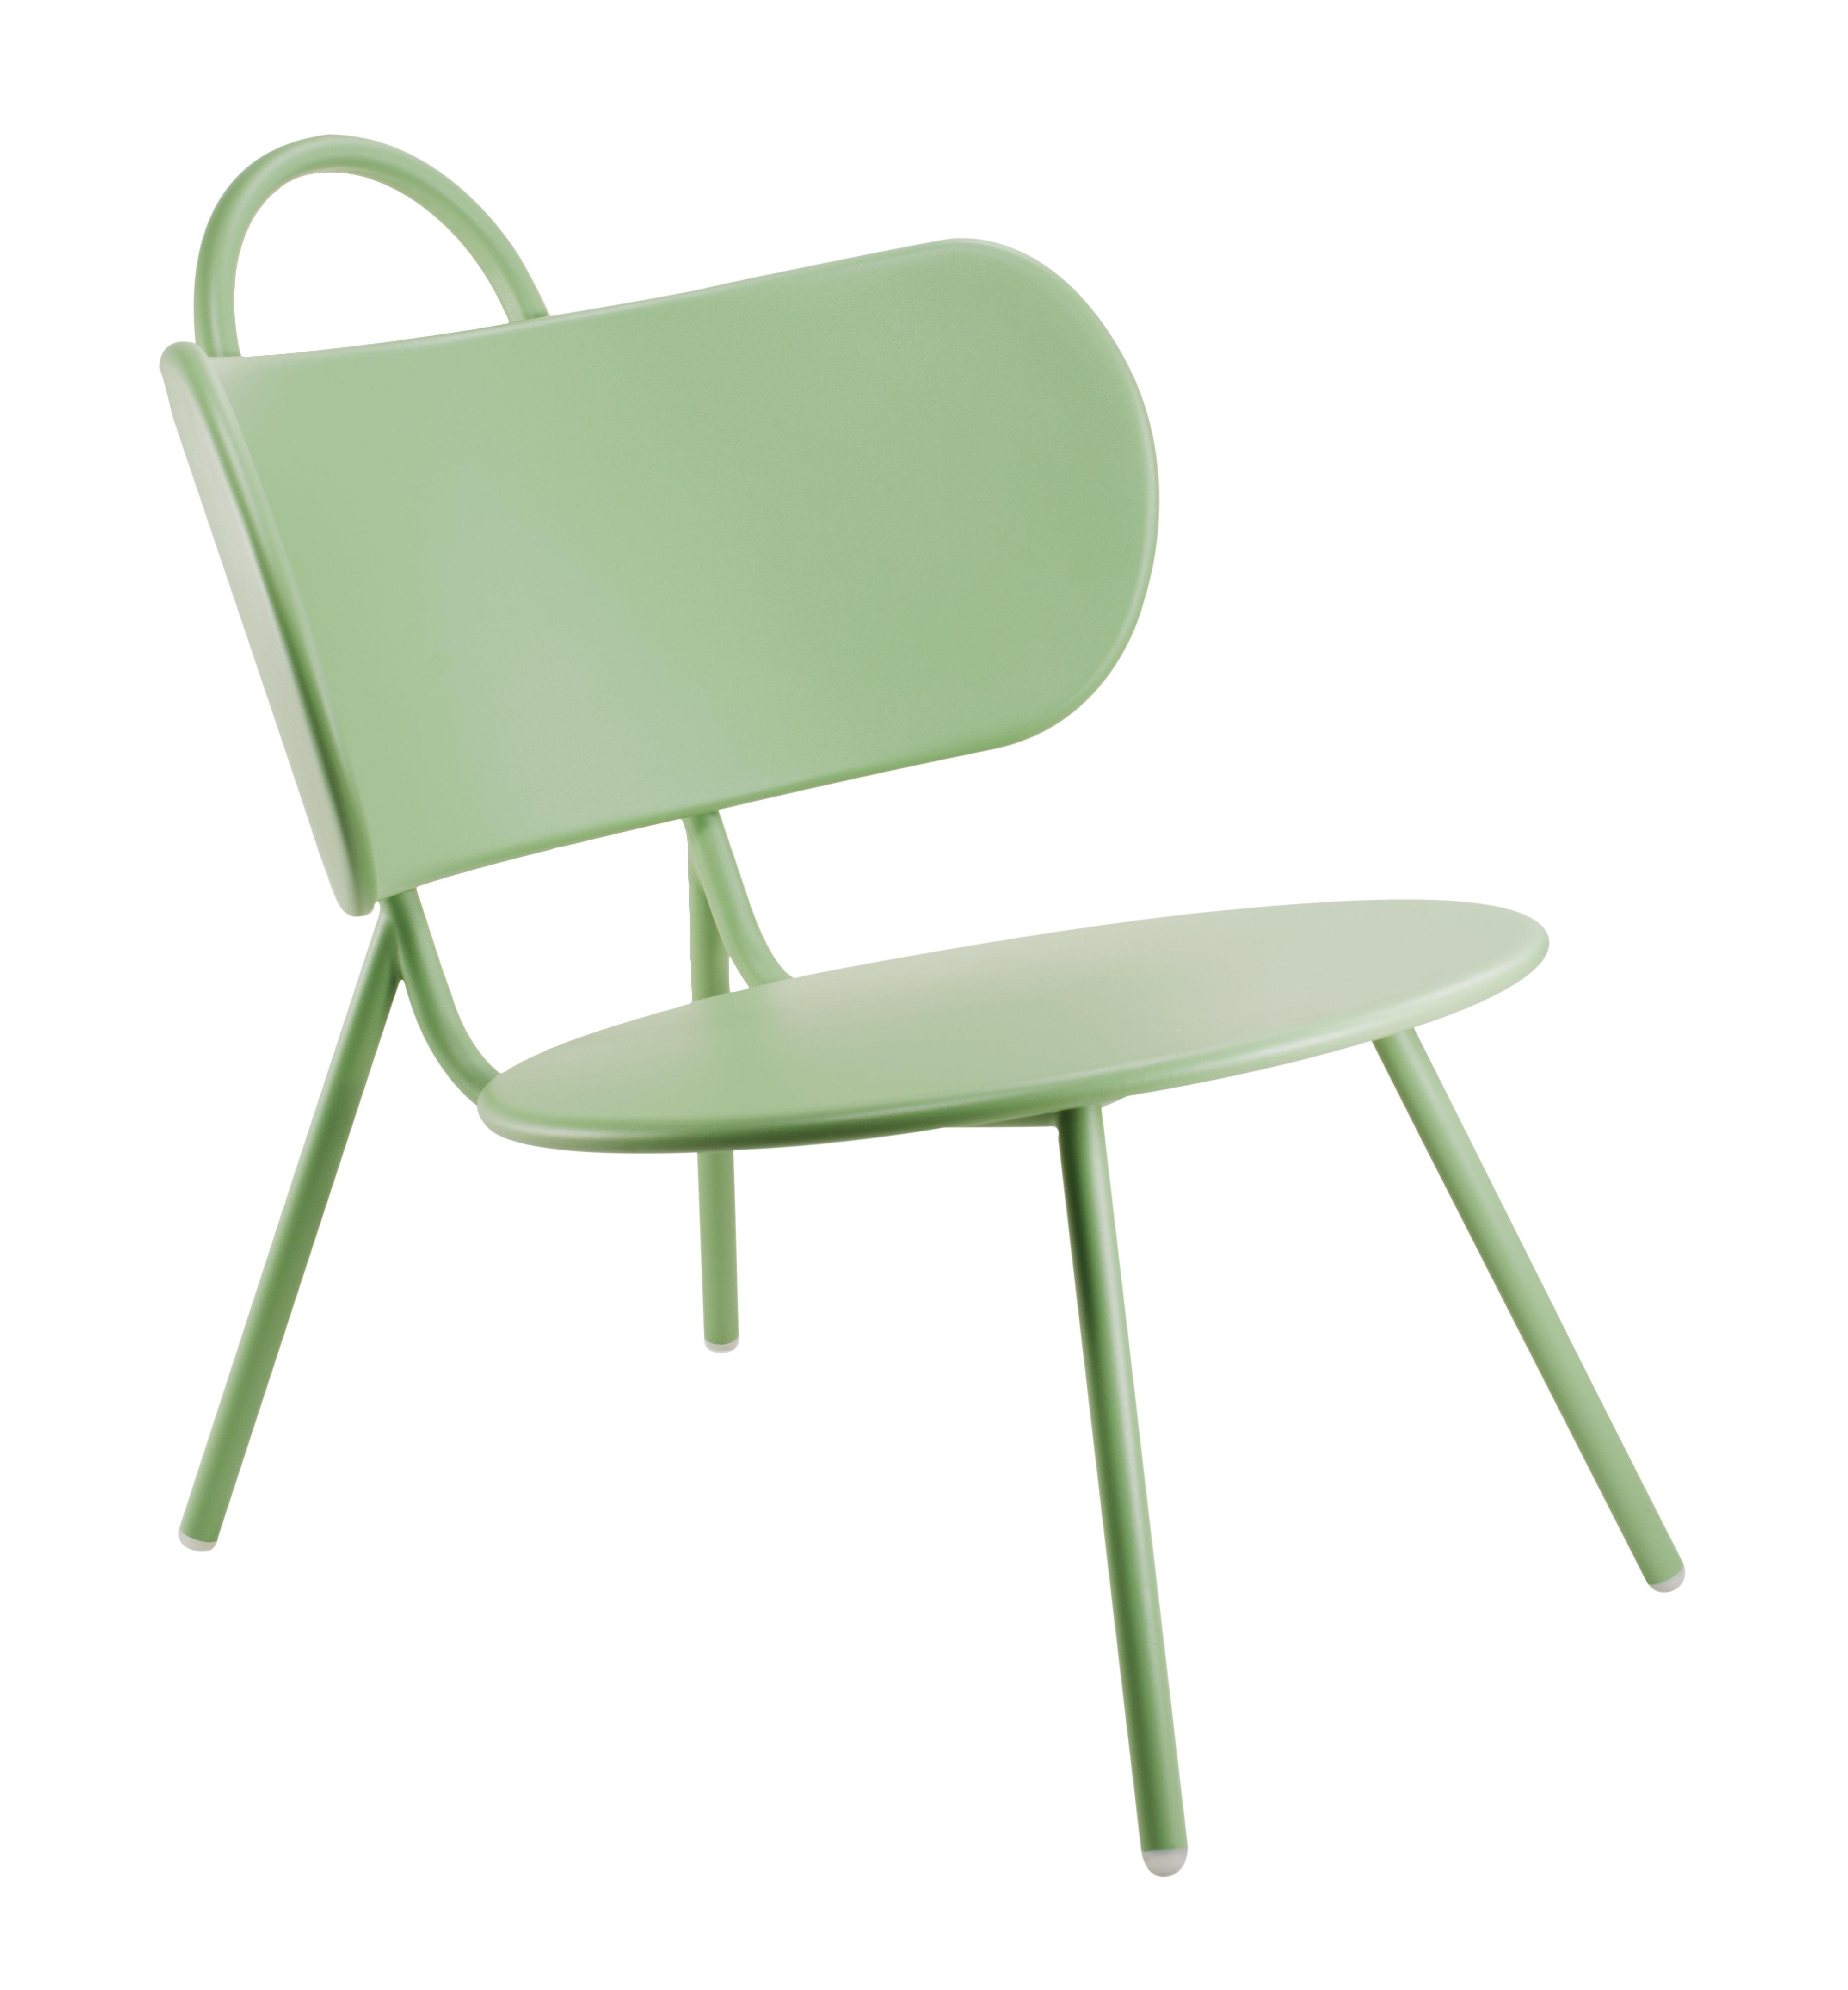 Fauteuil bas Swim Bibelo - Vert | Made In Design